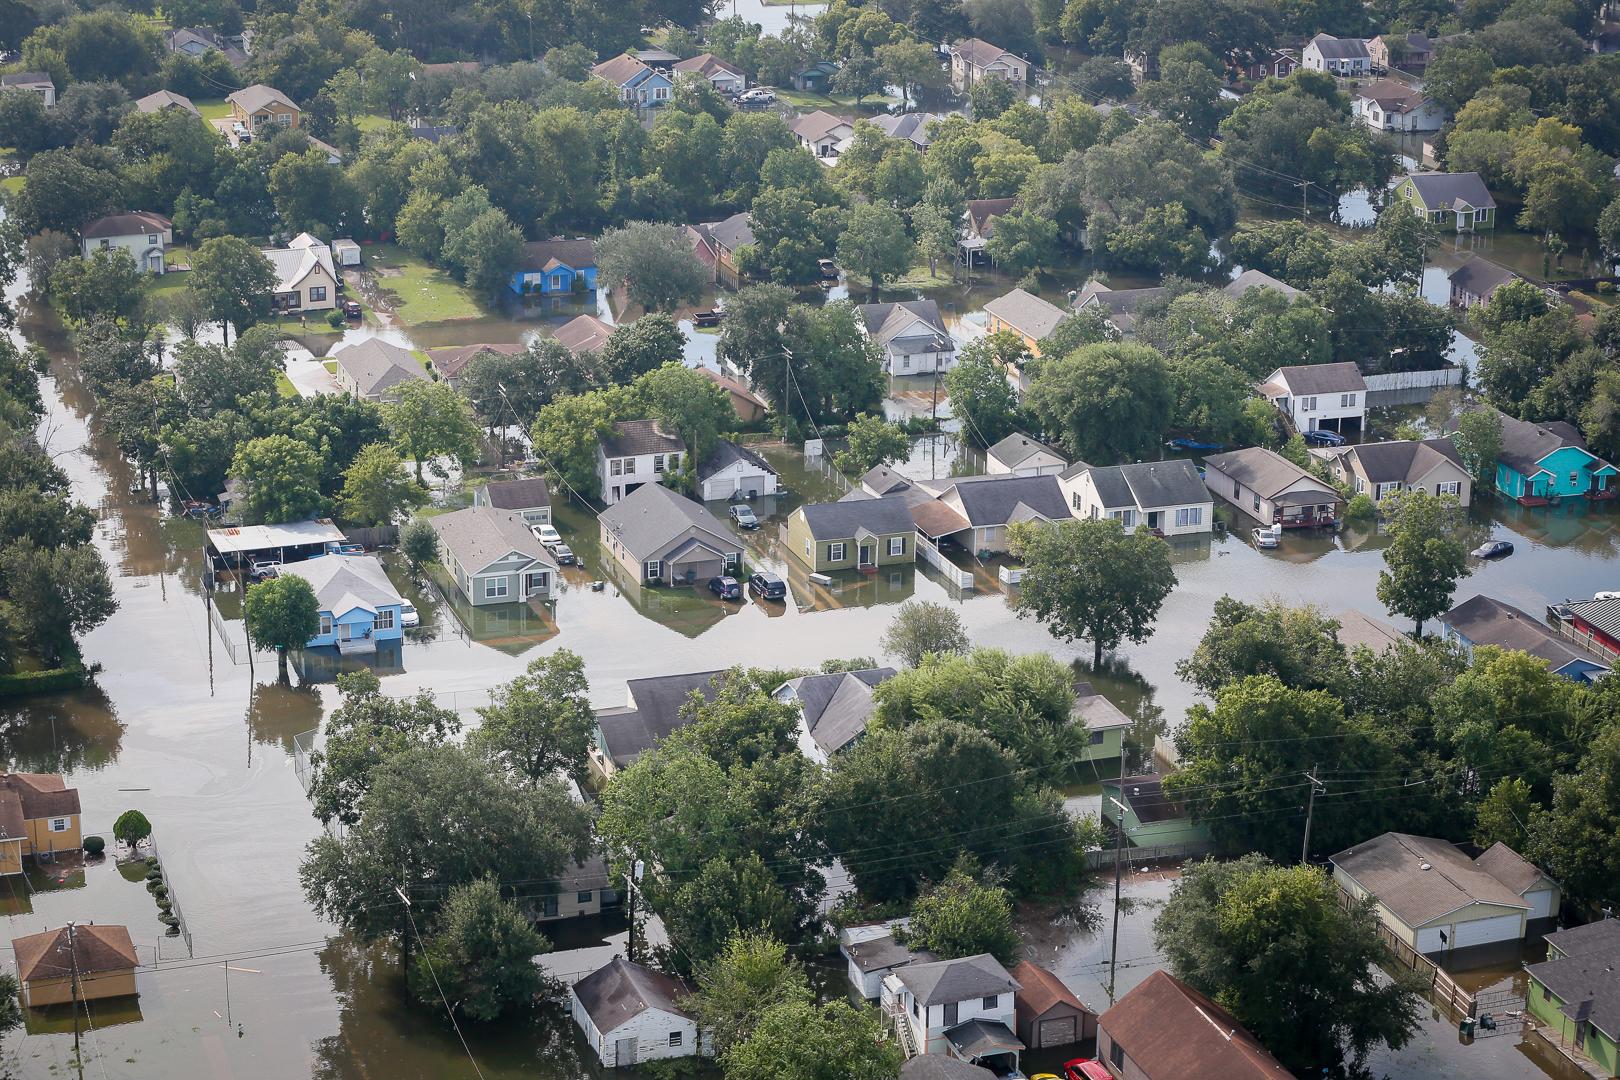 Bão Harvey năm 2018 làm ngập hàng trăm nghìn căn nhà tại Texas, Mỹ | Nguồn: US National Guard, Public Domain